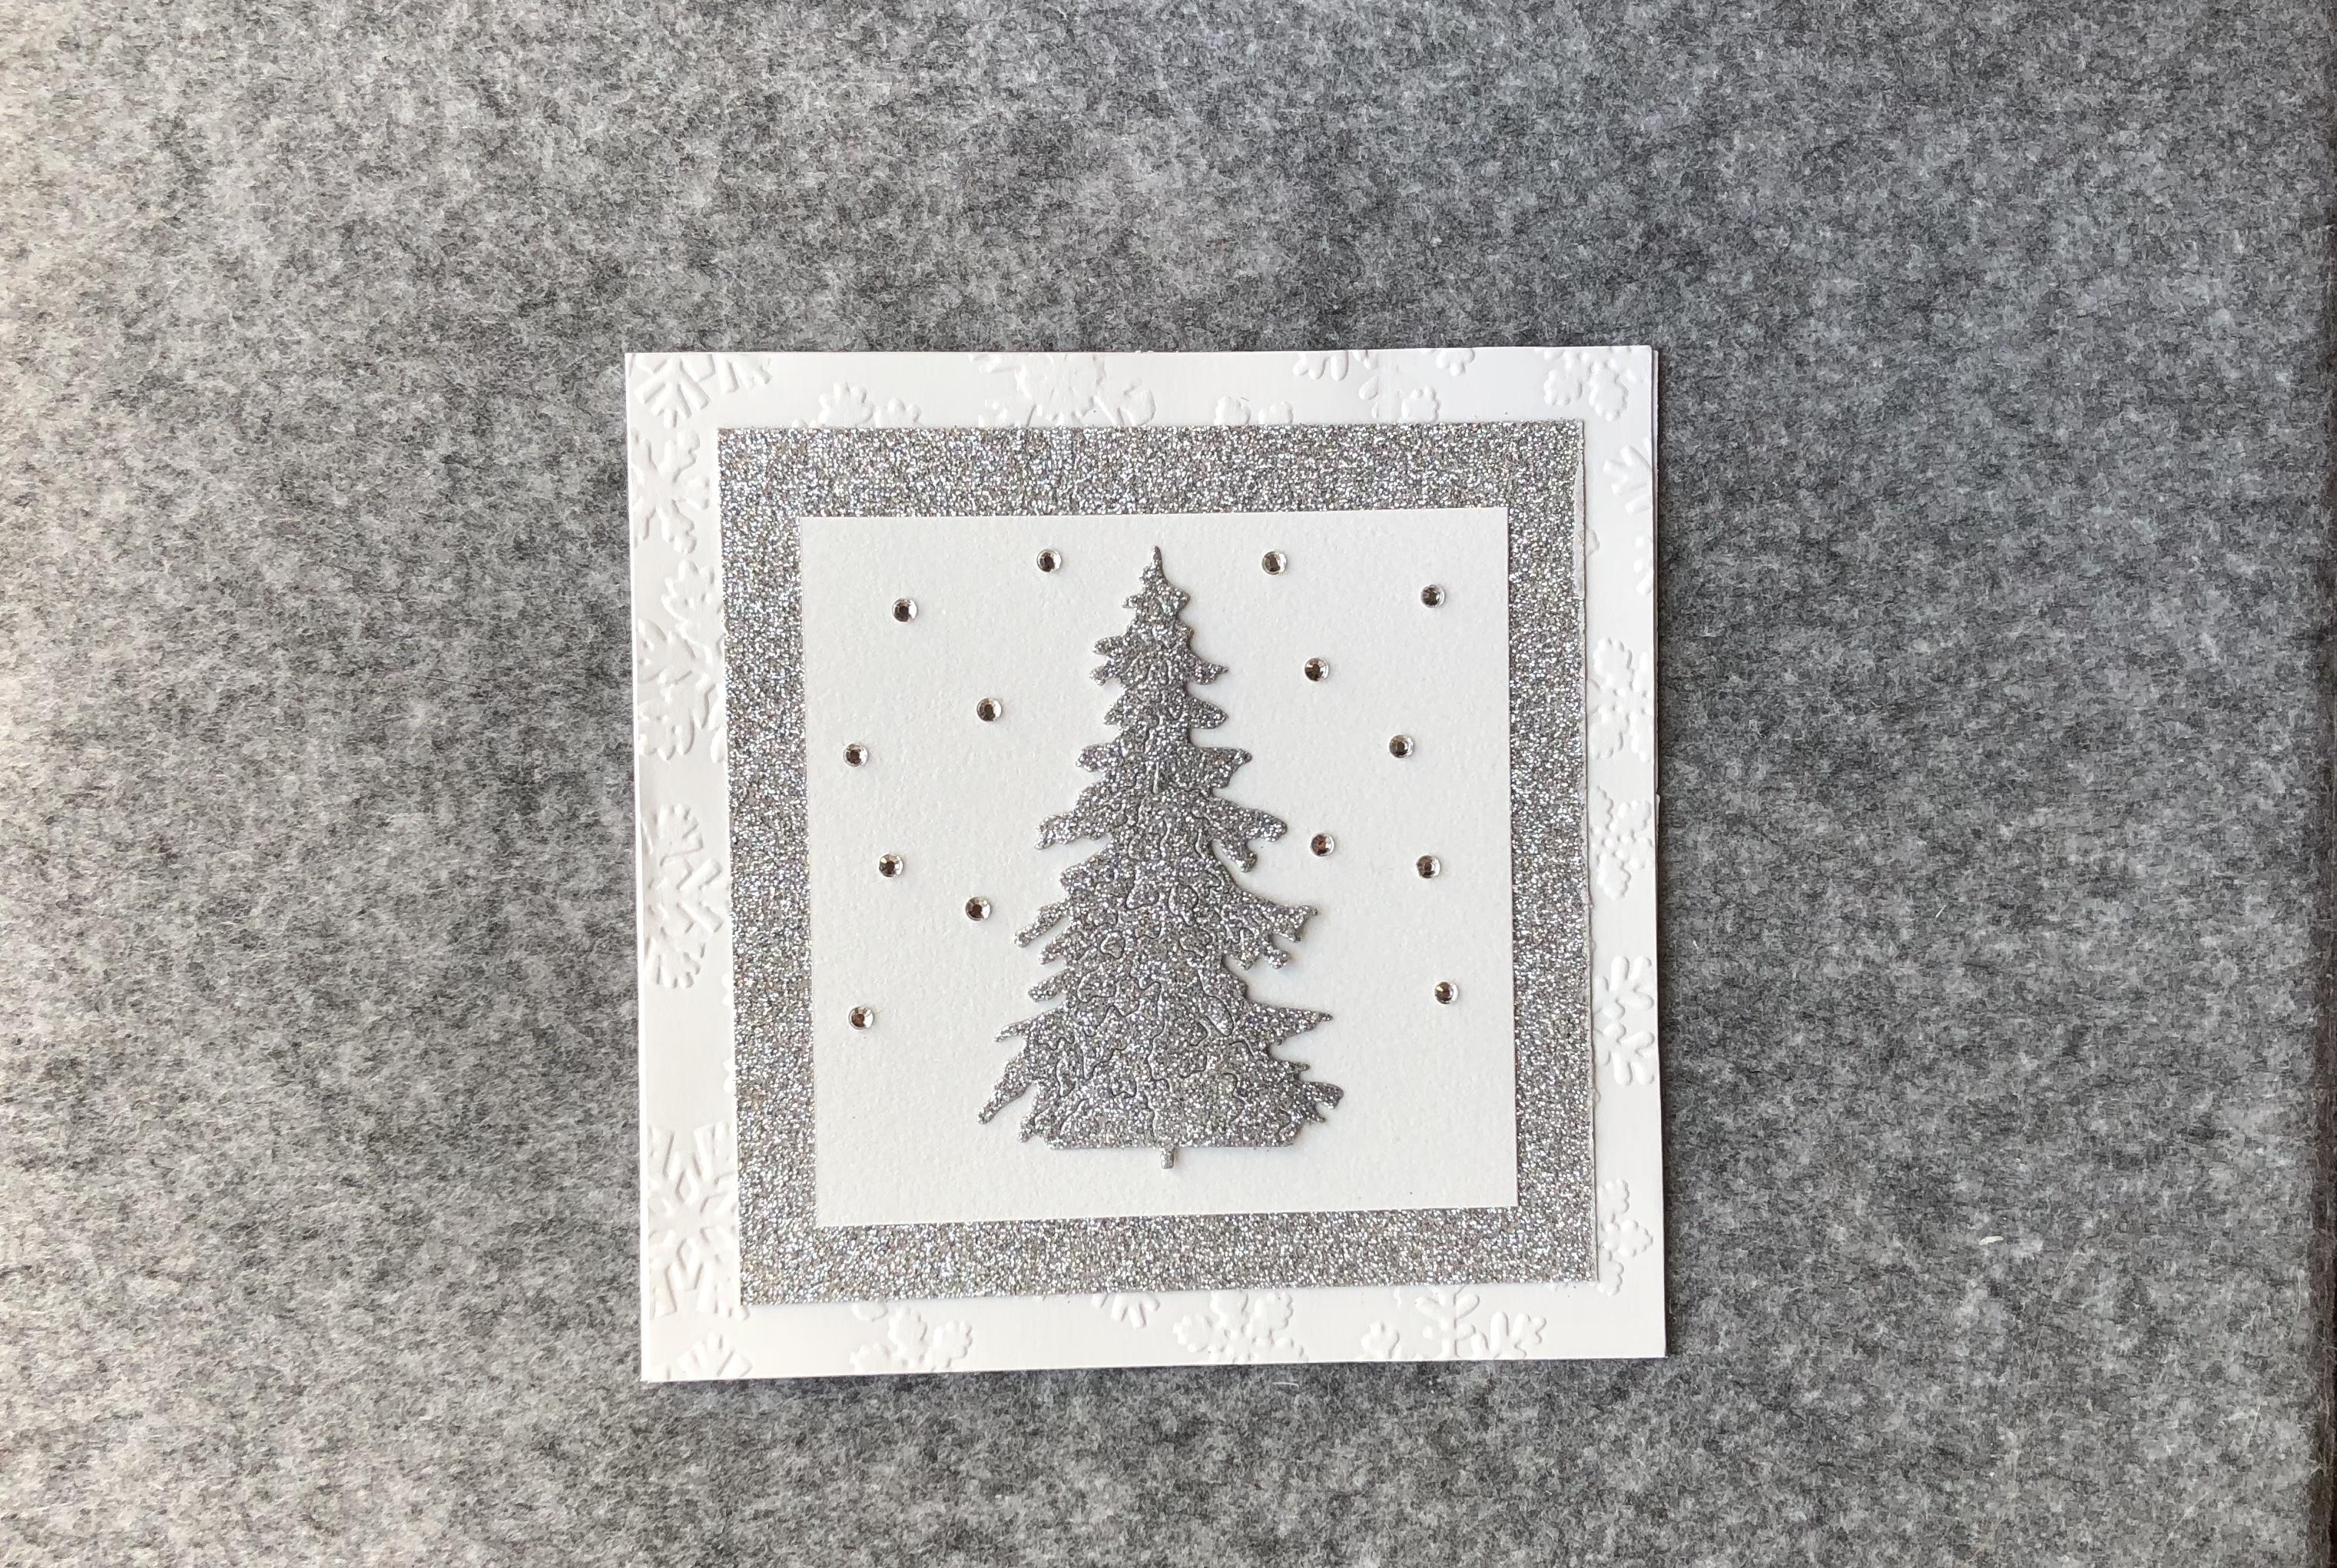 Silberner Weihnachtsbaum mit Diamanten